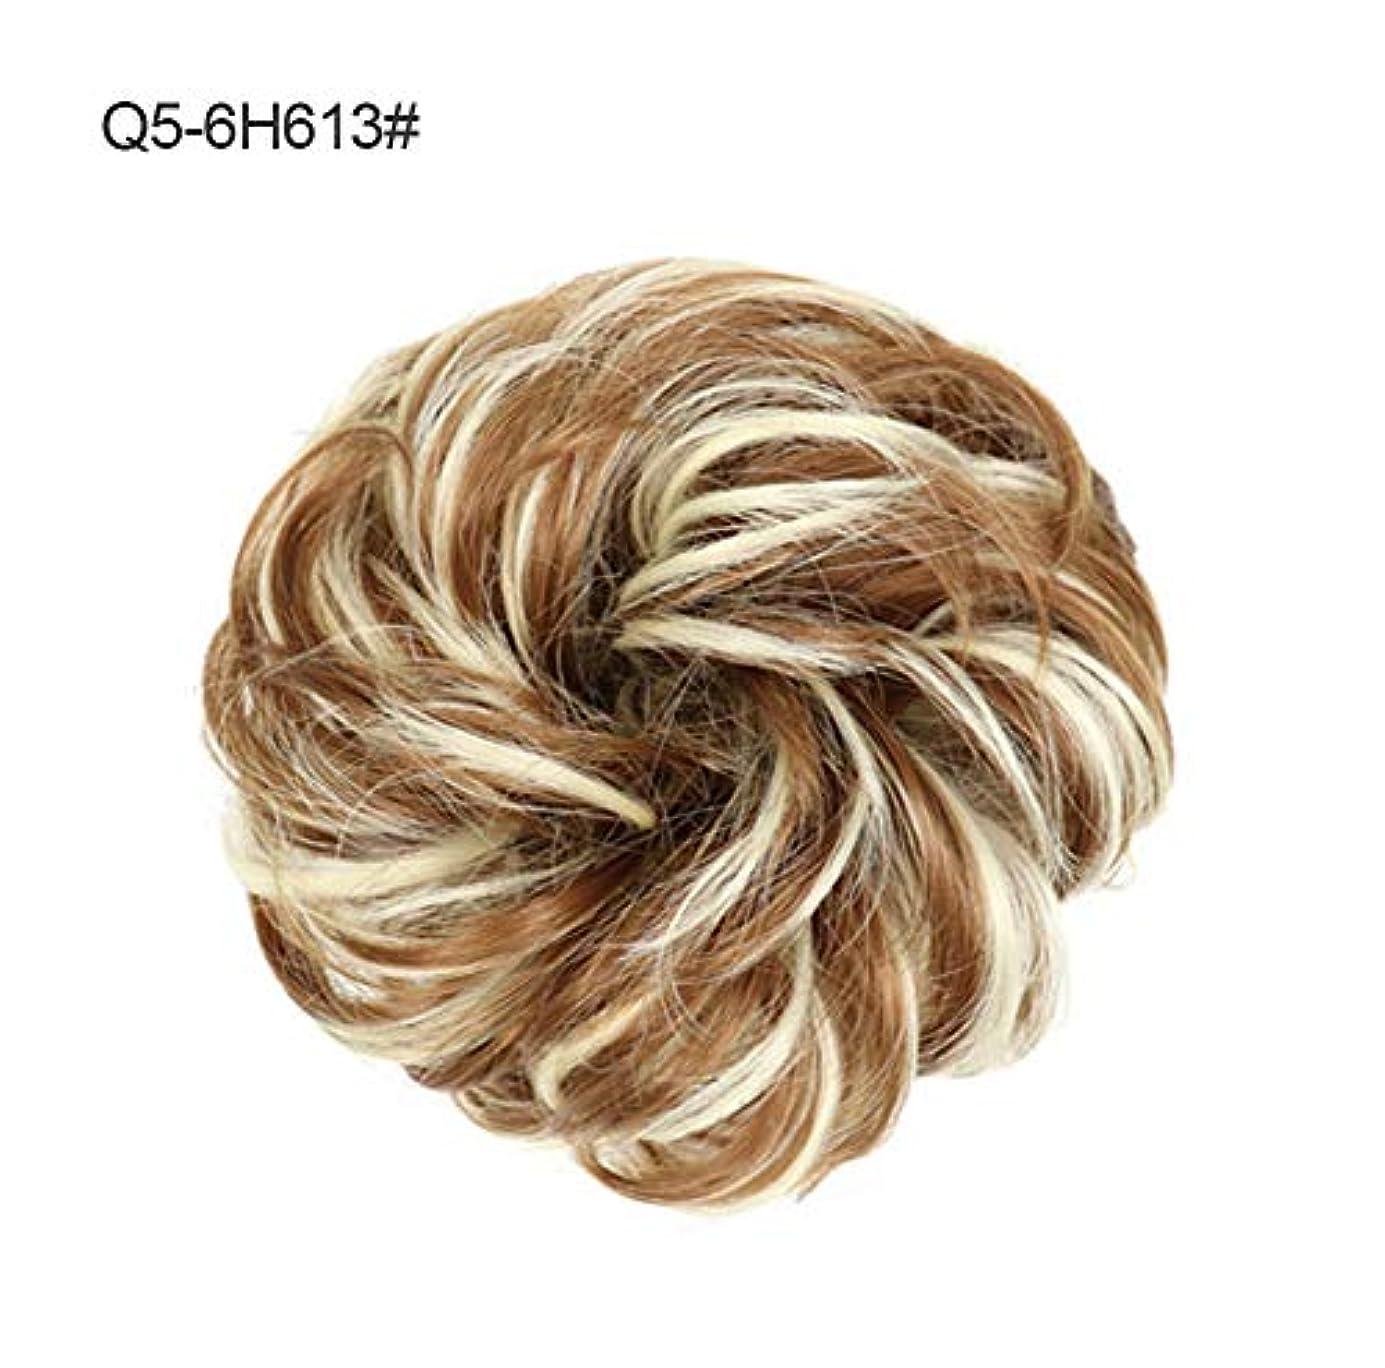 ドナウ川運命お気に入り乱雑なポニーテールシニョンドーナツ拡張機能、女性のためのシュシュ髪お団子巻き毛波状リボンアクセサリー